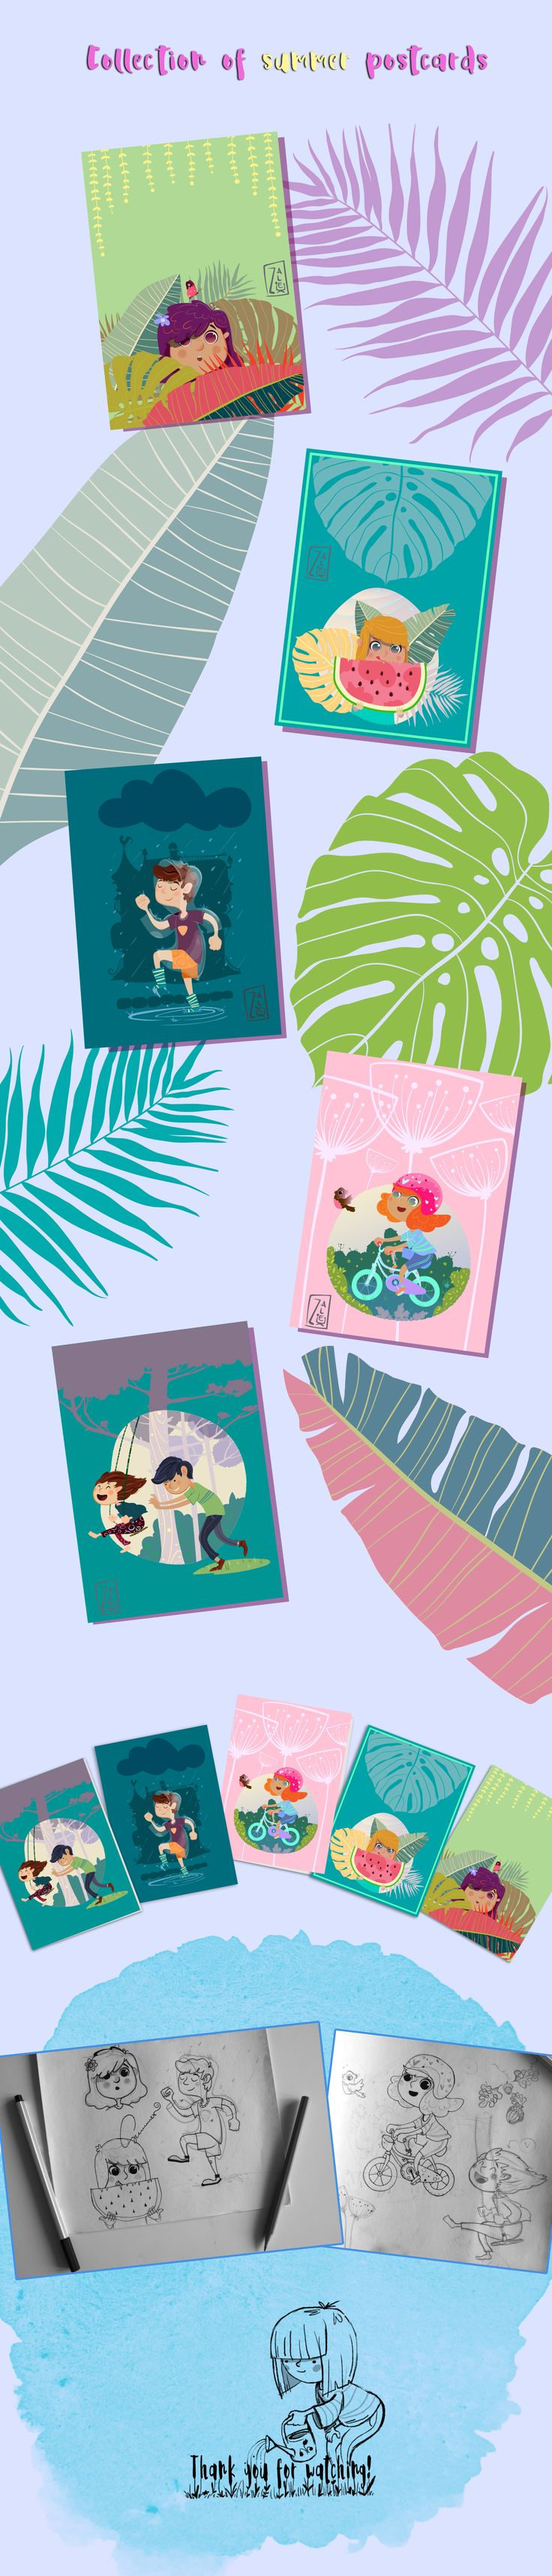 Ознакомьтесь с моим проектом @Behance: «Simple summer joy» https://www.behance.net/gallery/54845875/Simple-summer-joy